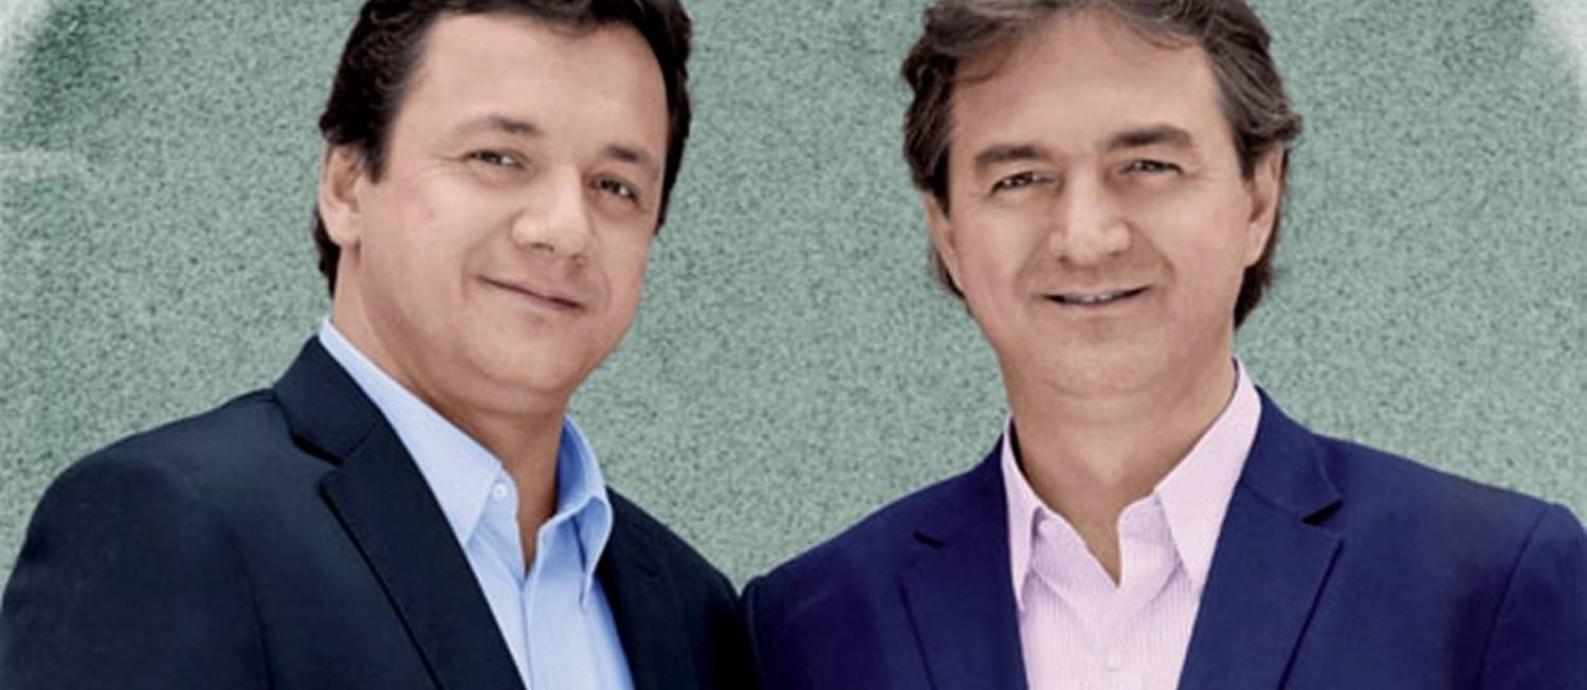 Wesley e Joesley Batista, donos do Grupo J&F, maior grupo privado não-financeiro do Brasil Foto: Reprodução